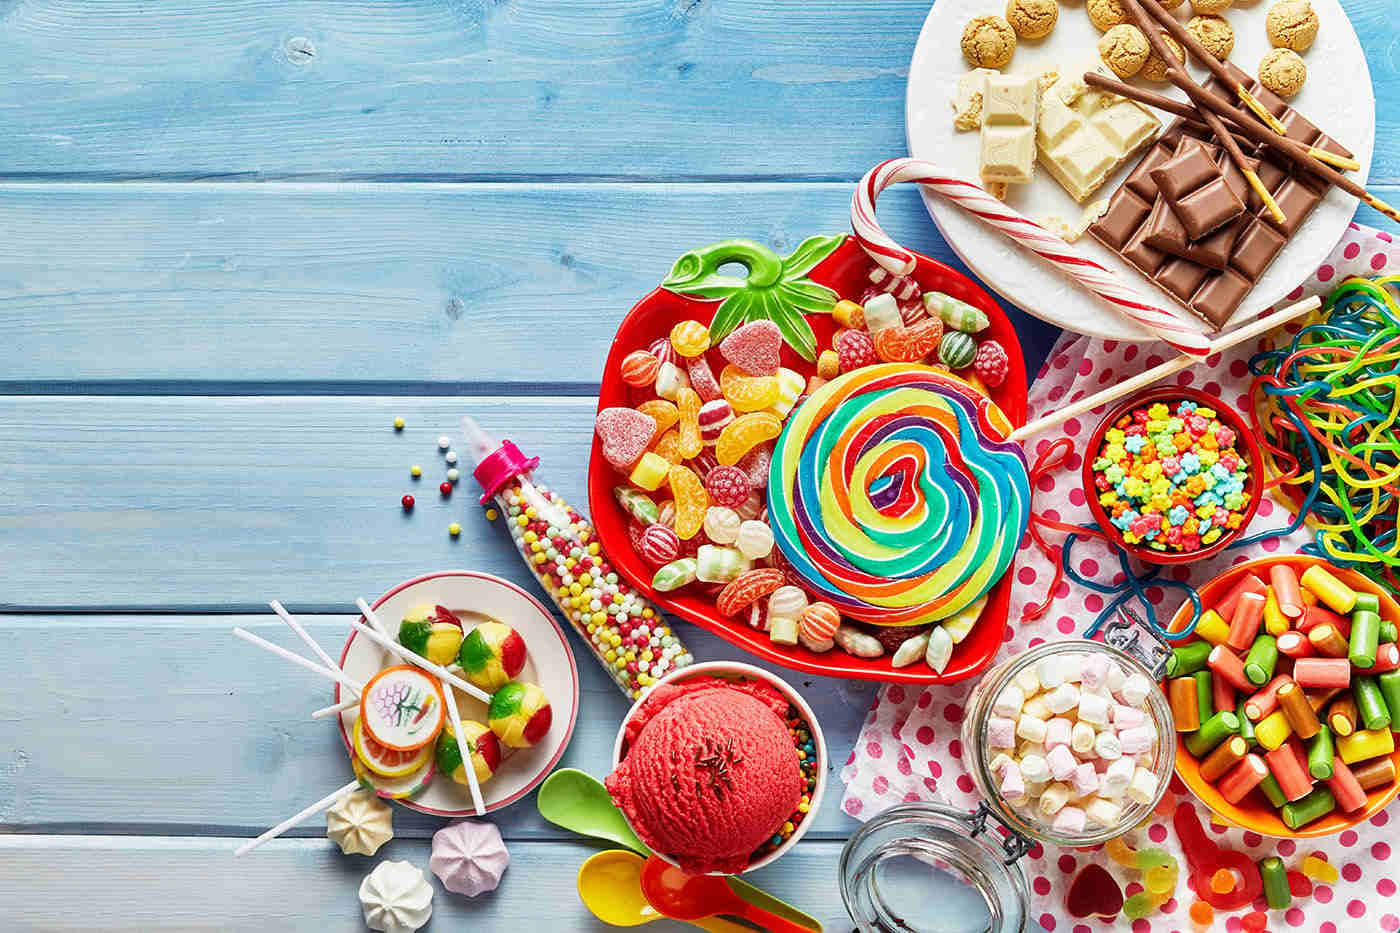 Ce alimente cresc riscul cardiovascular la vârsta a doua?